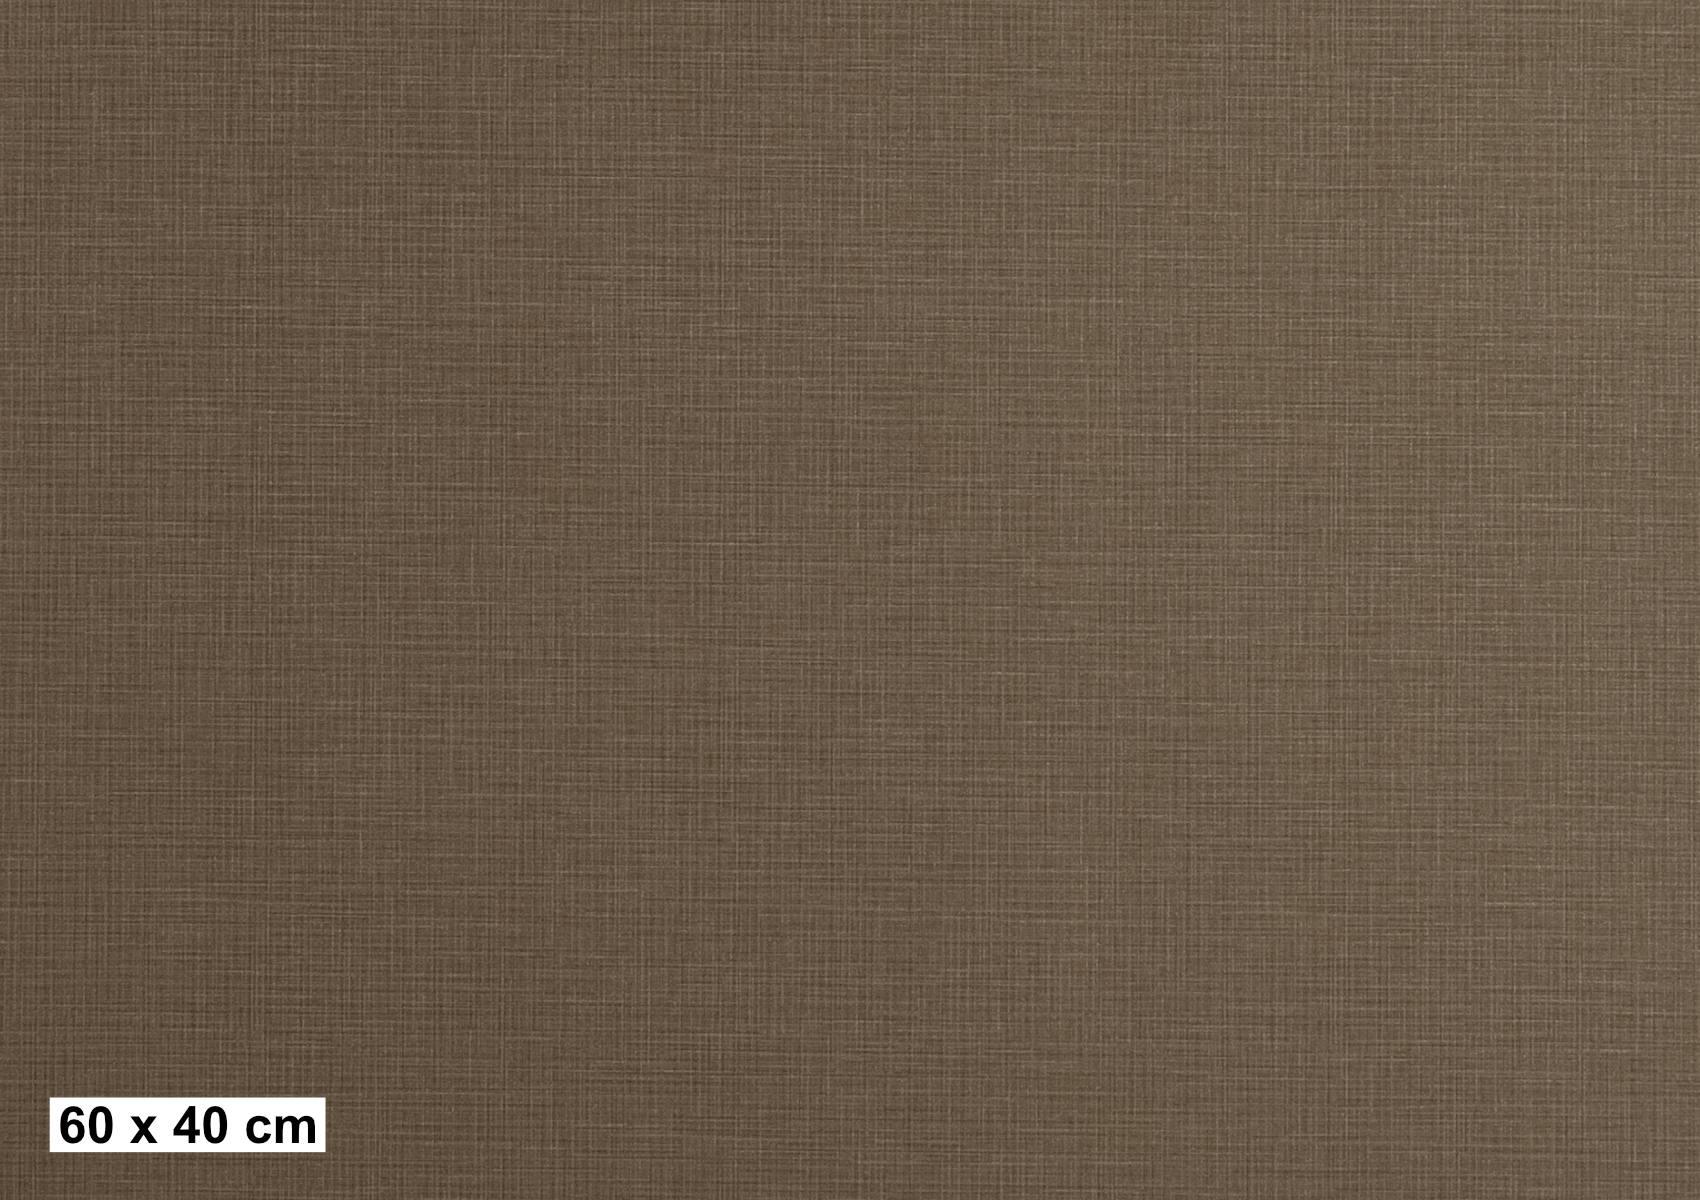 Textil / T210